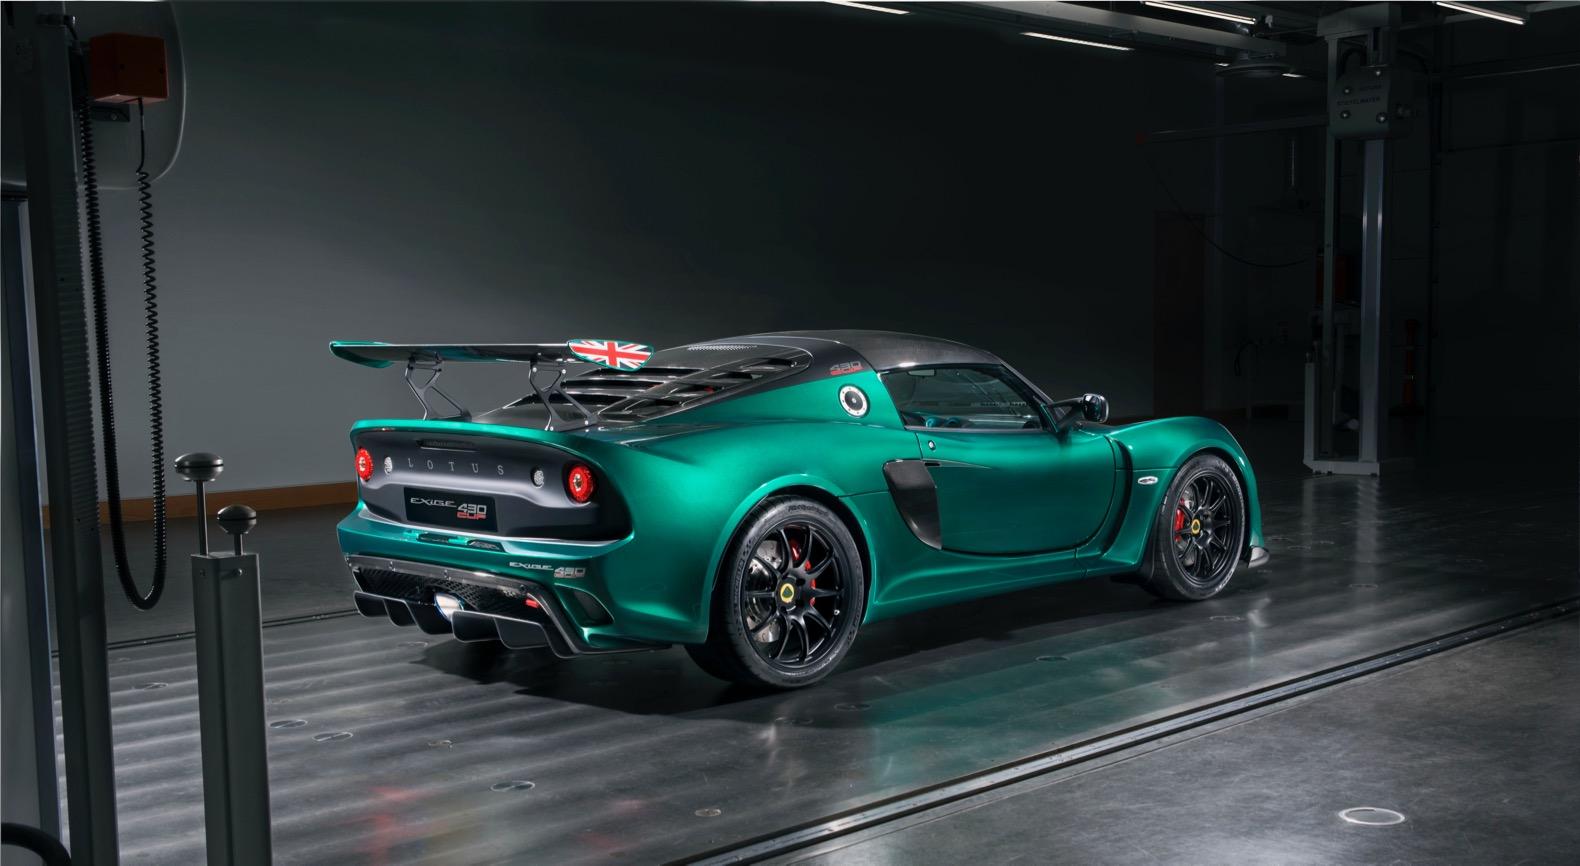 Лотус представил самый экстремальный спорткар Exige завсю историю модели